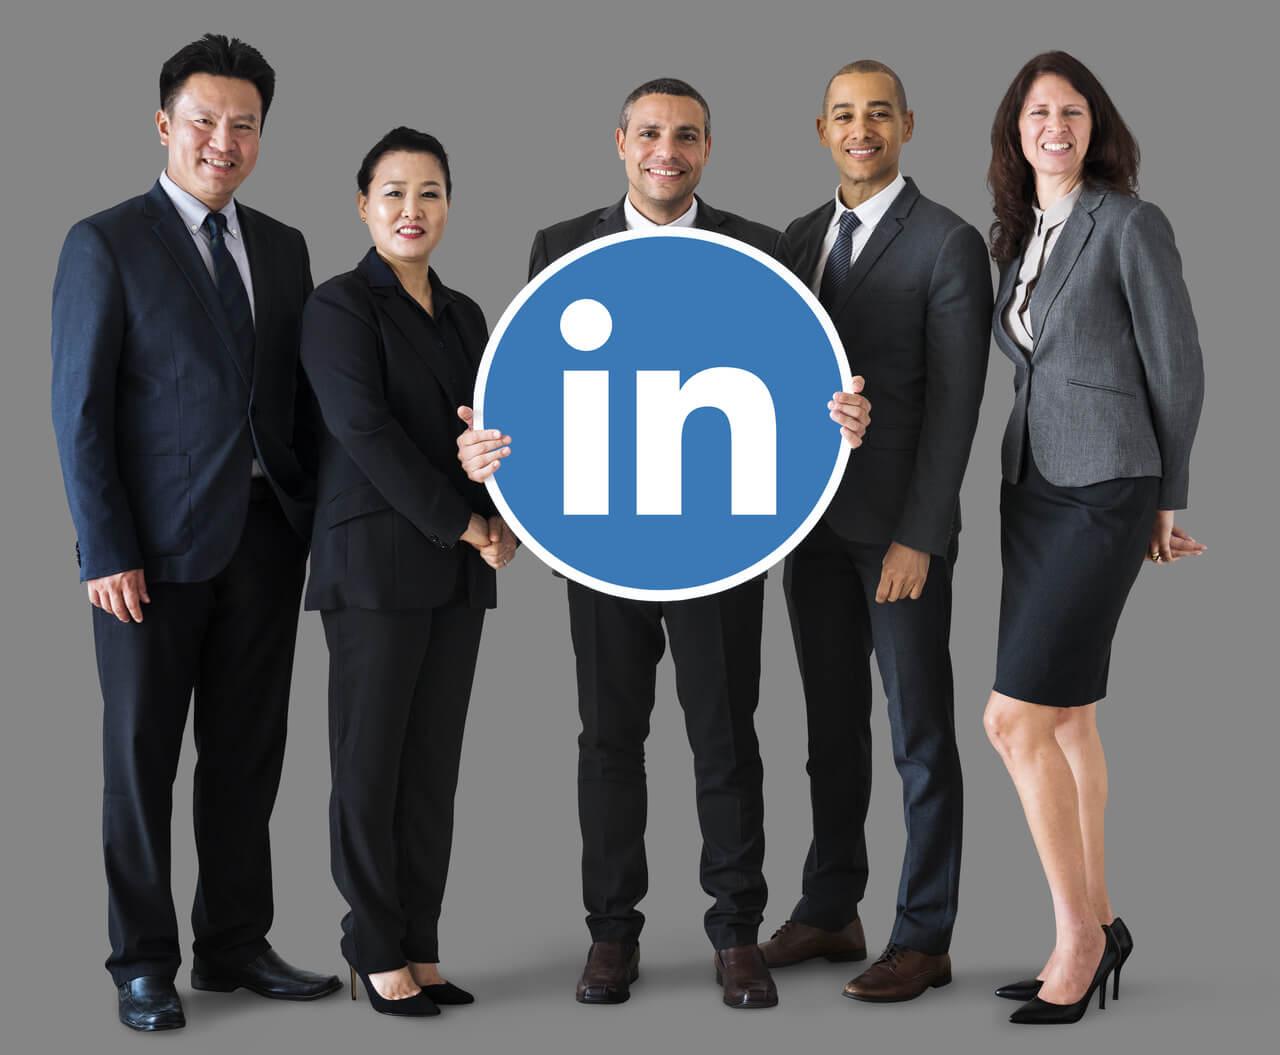 Cinco executivos, entre homens e mulheres, seguram o símbolo do Linkedin, demonstrando que o Linkedln funciona para encontrar trabalho